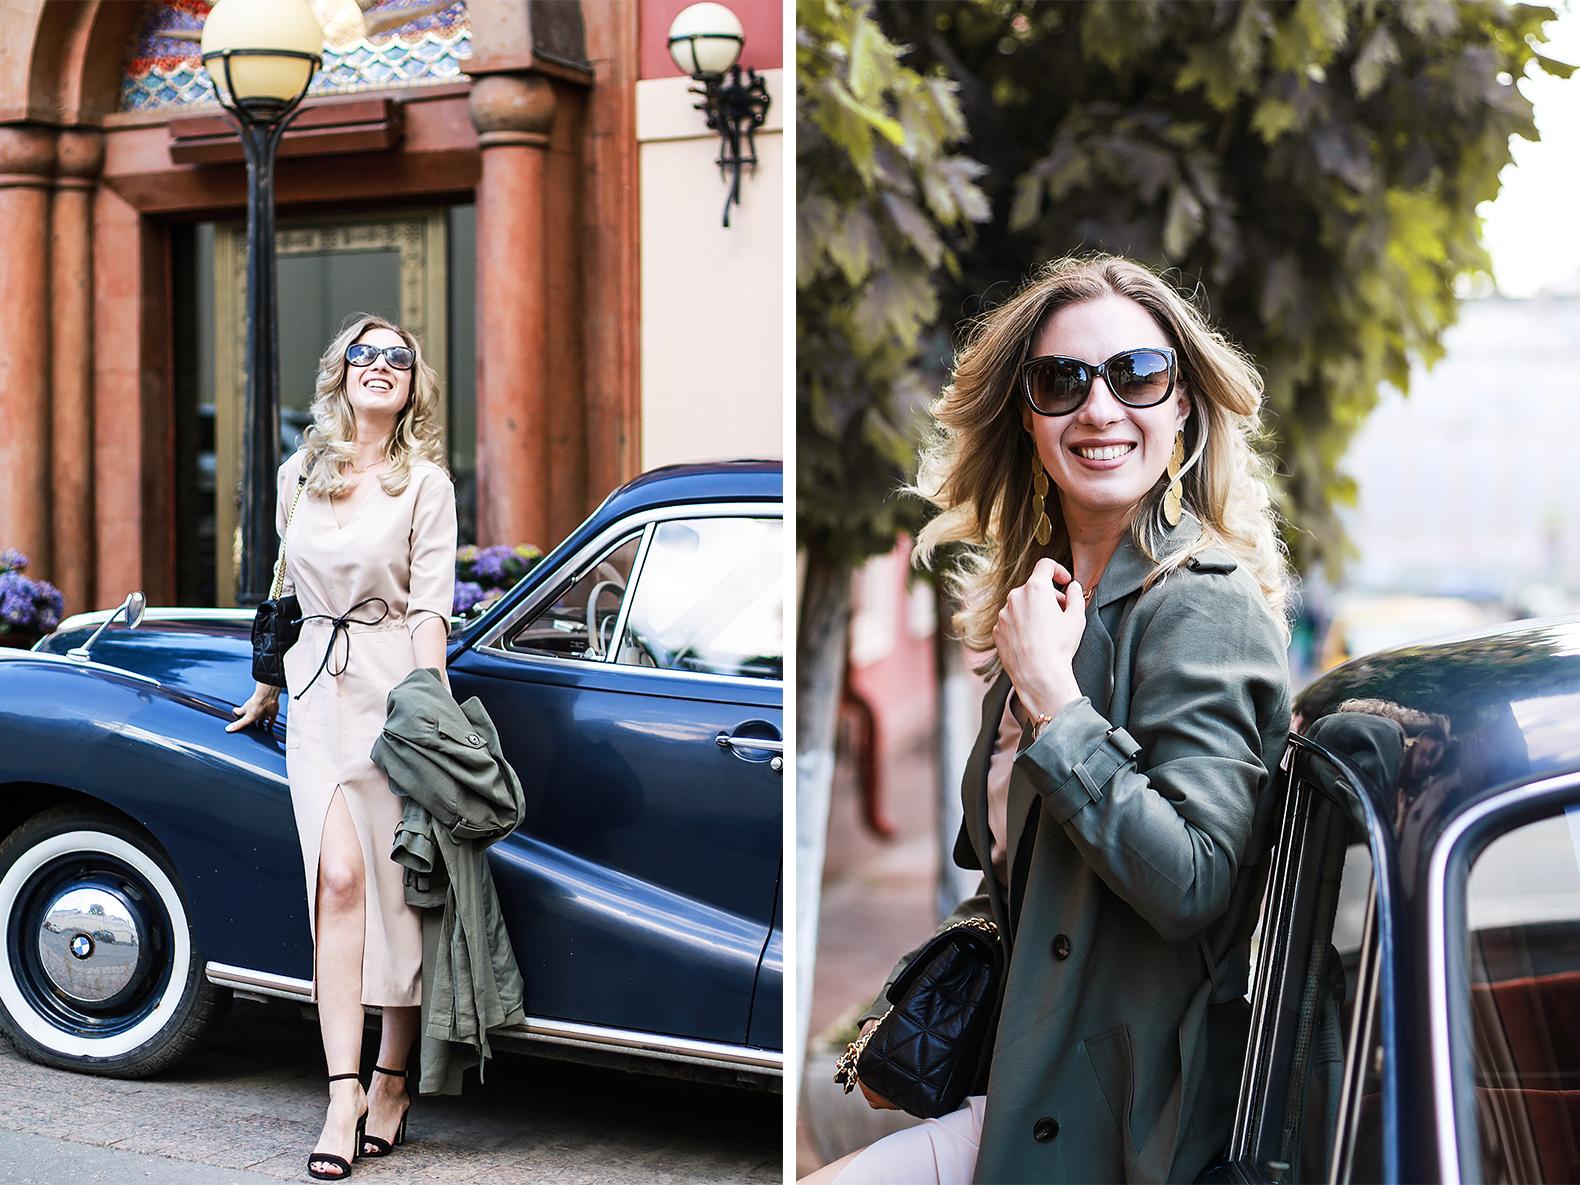 rita_maslova_ritalifestyle_trendsbrands_dress_trenchcoat_MK_bag_